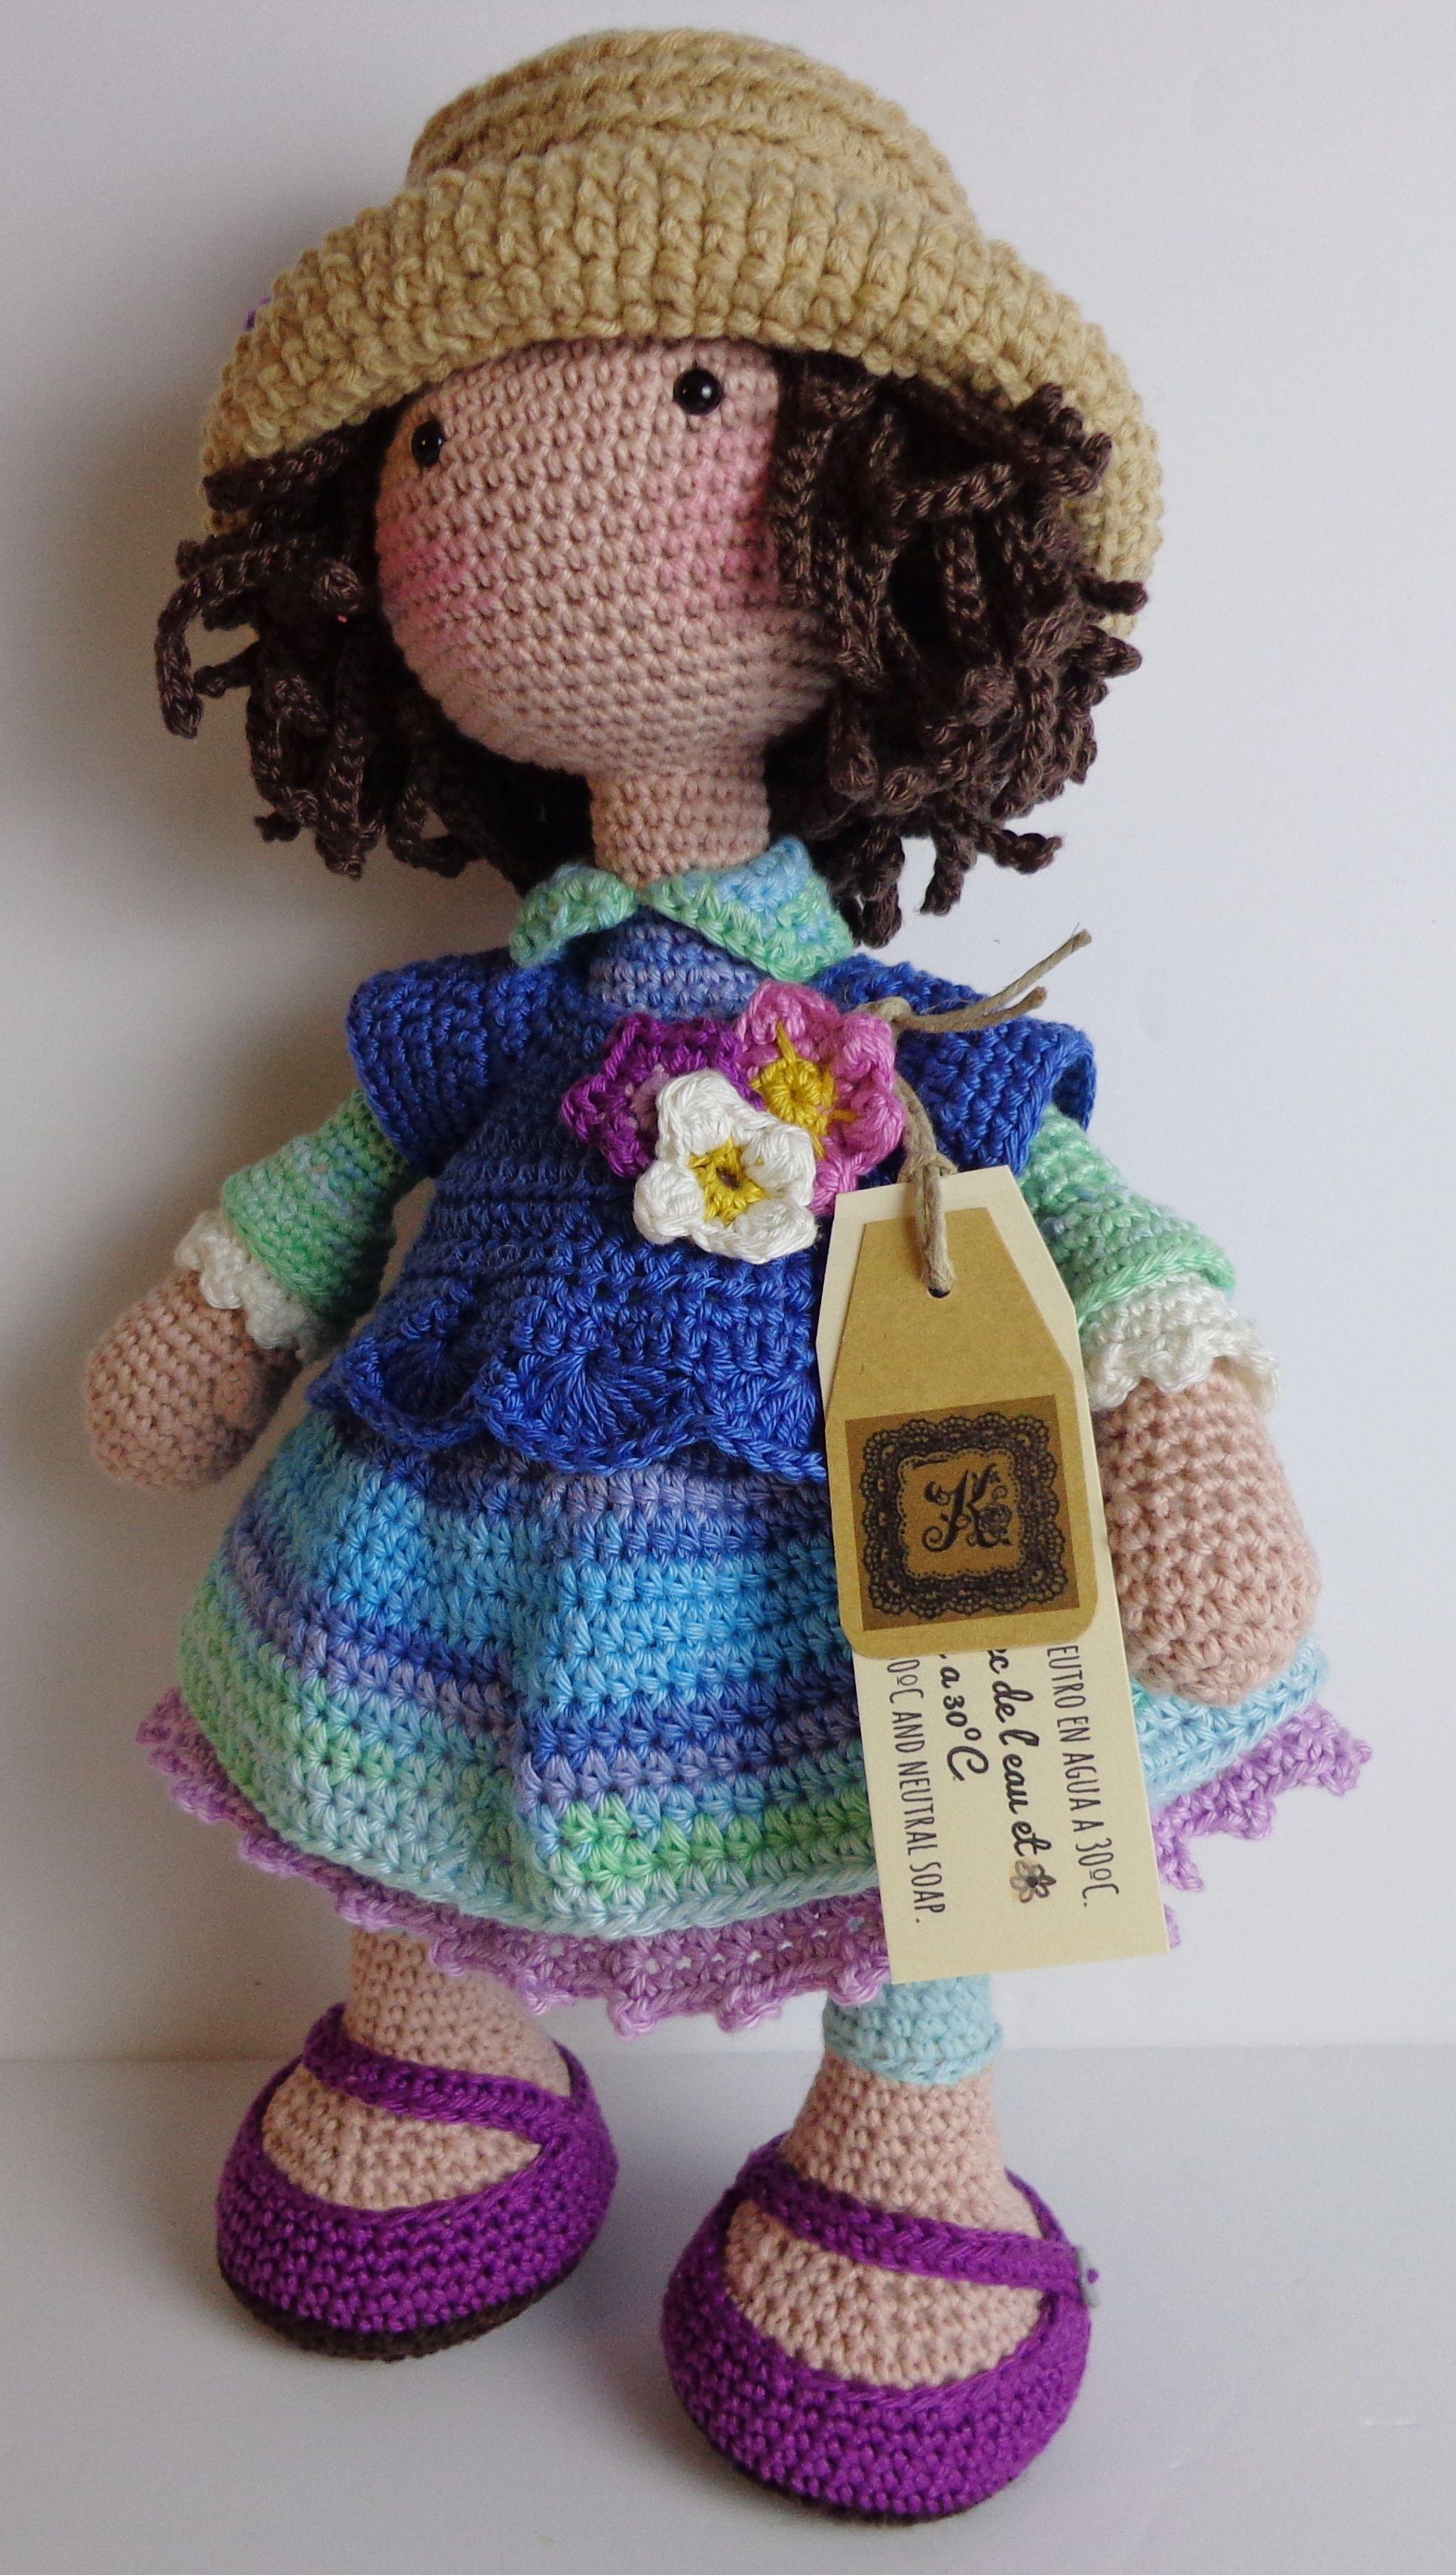 muñeca de ganchillo | Patrones | Pinterest | Ganchillo, Muñecas y ...